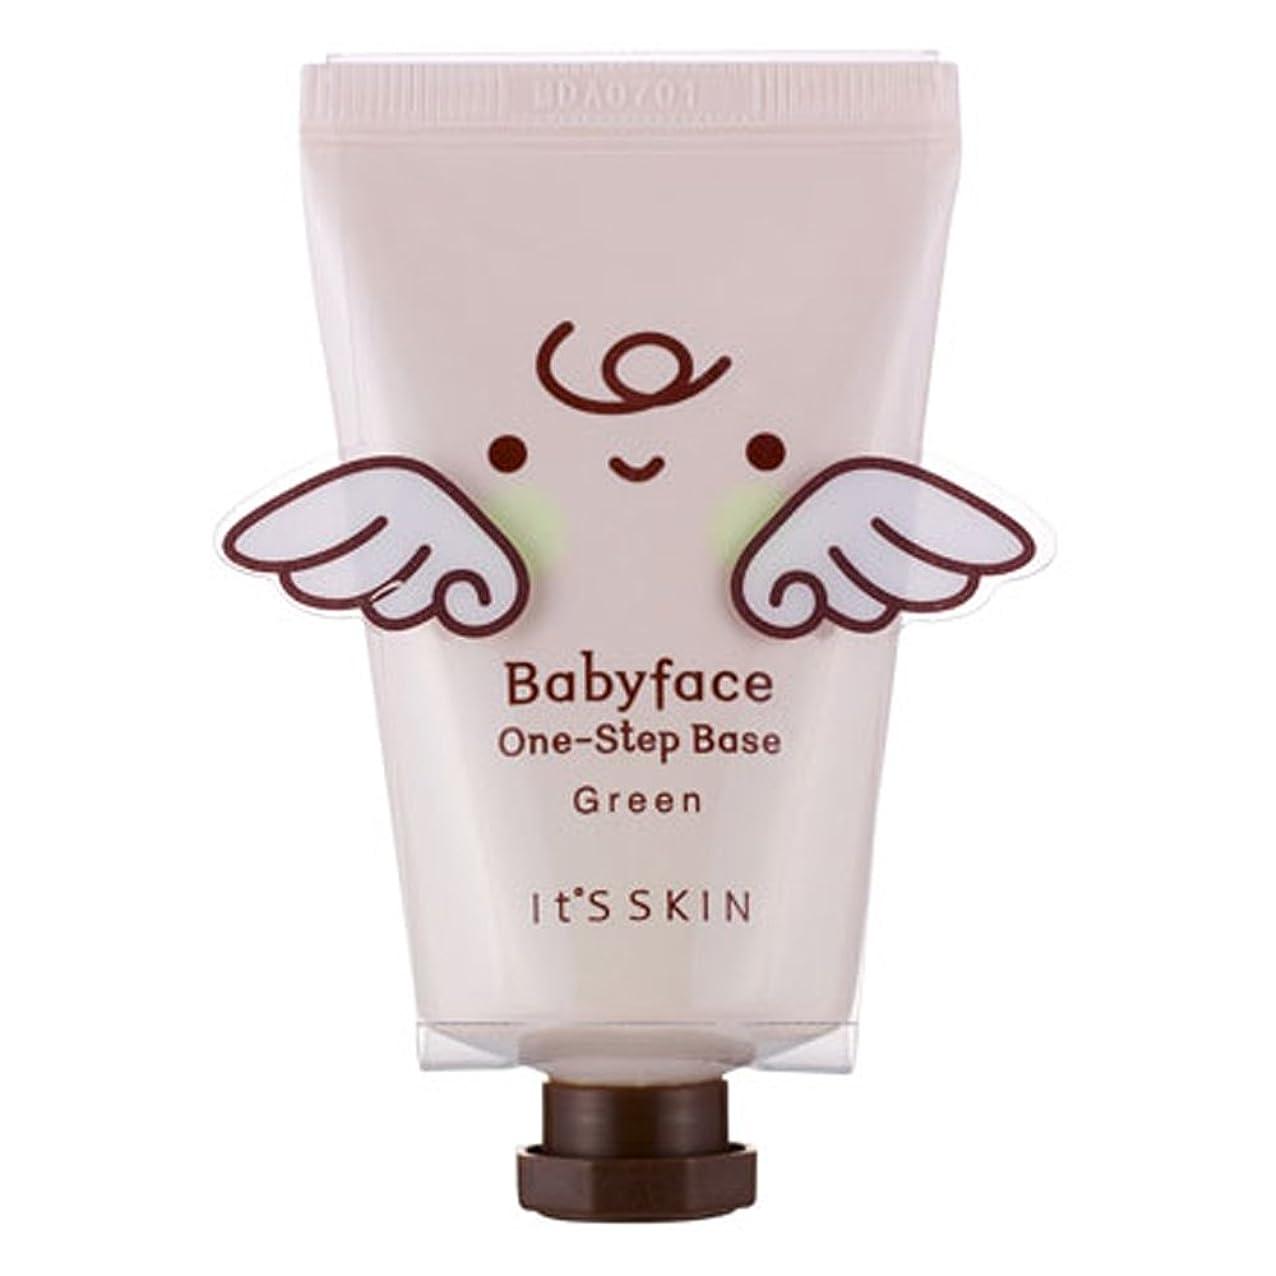 薄い掻く高潔なIt's skin(イッツスキン) ベビーペースワンステップ ベース SPF15 2グリーン